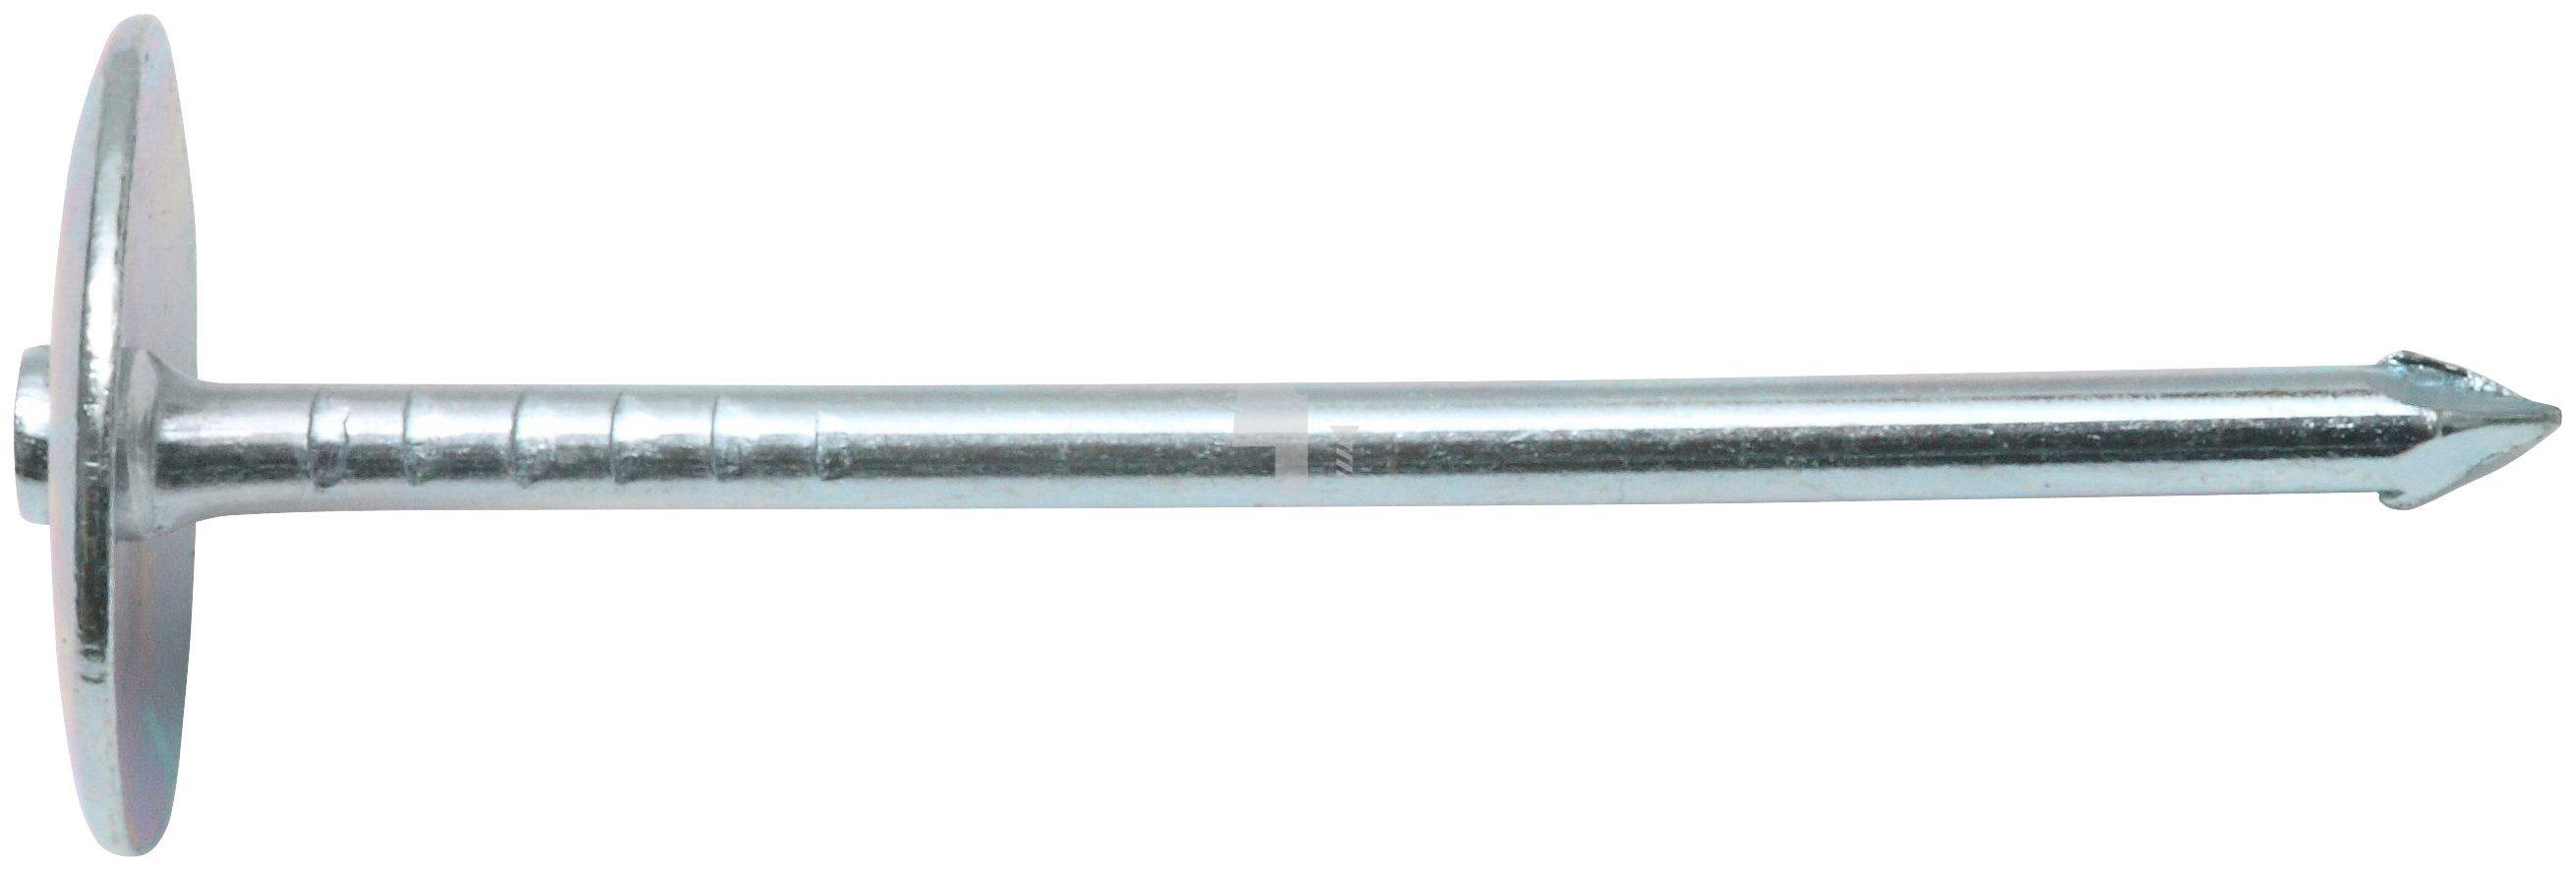 RAMSES Nagel , Leichtbauplattenstifte DIN 1144 3,1 x 50 mm Stahl